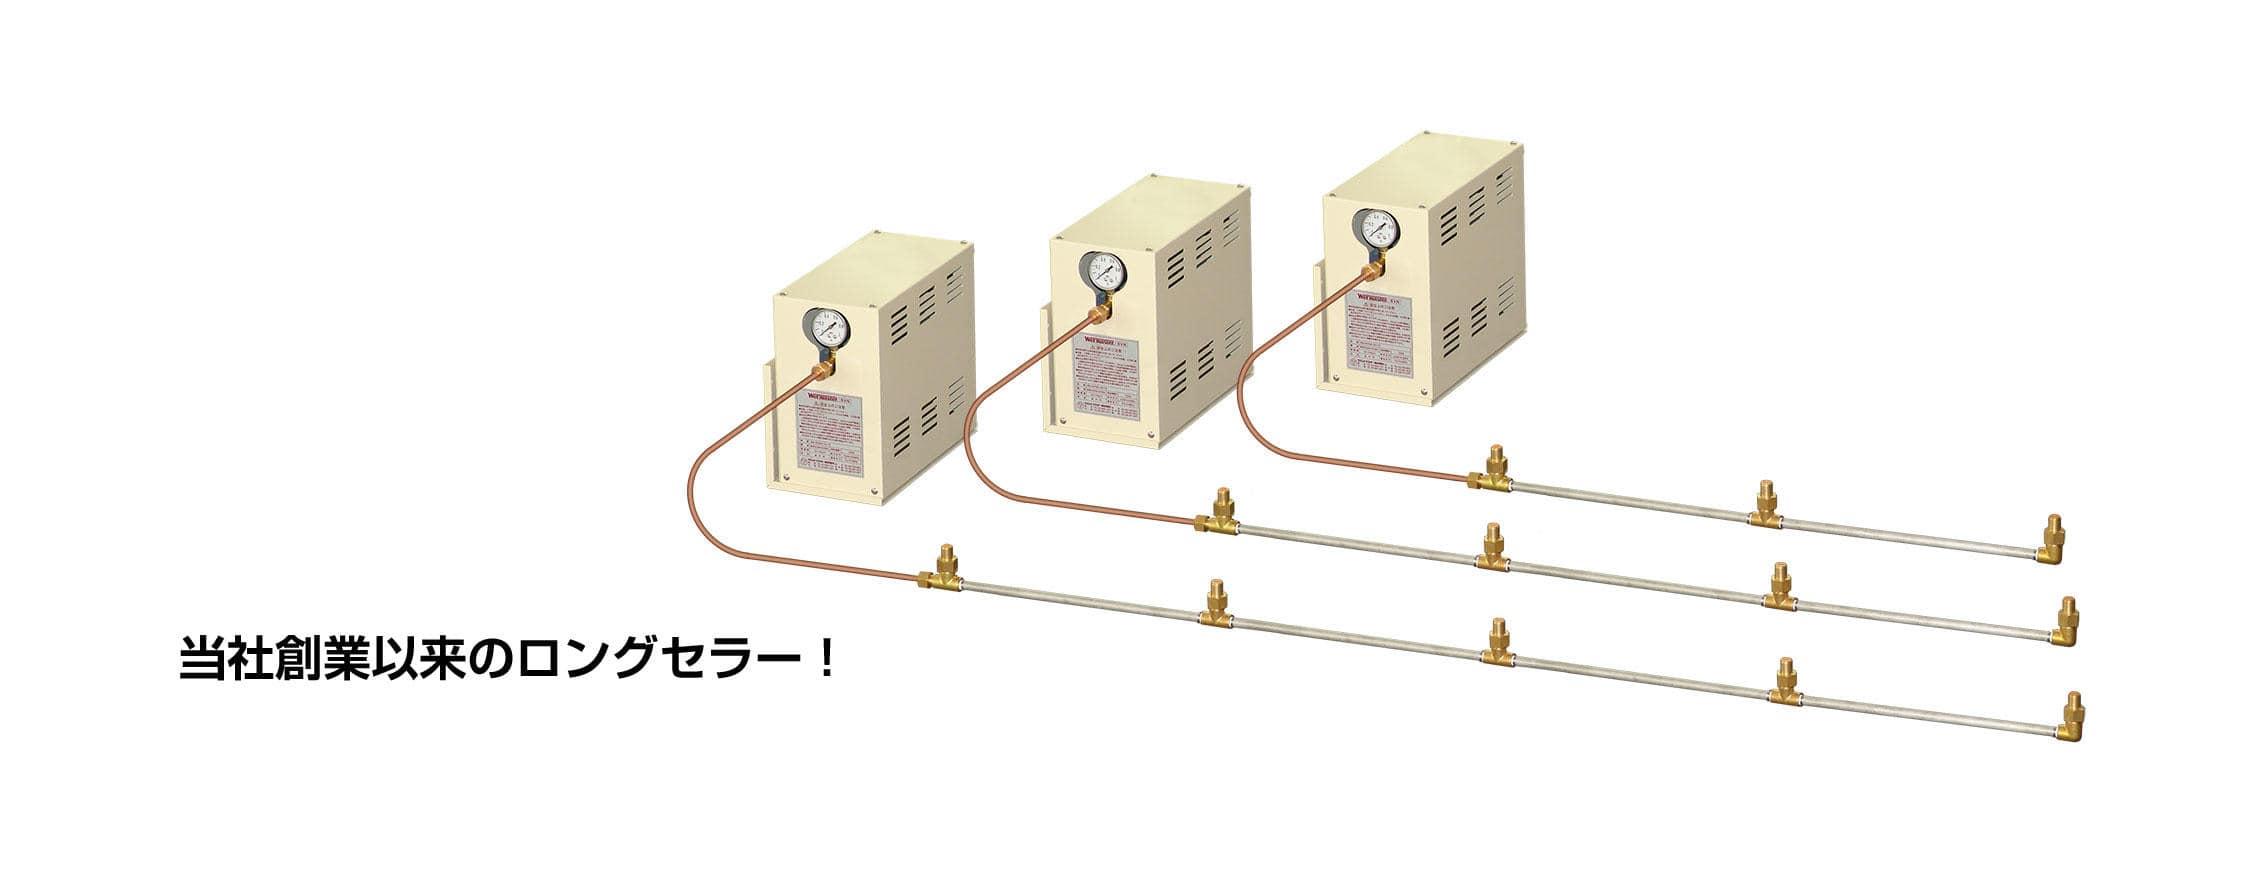 高圧スプレー式加湿器SVN/SVKタイプ